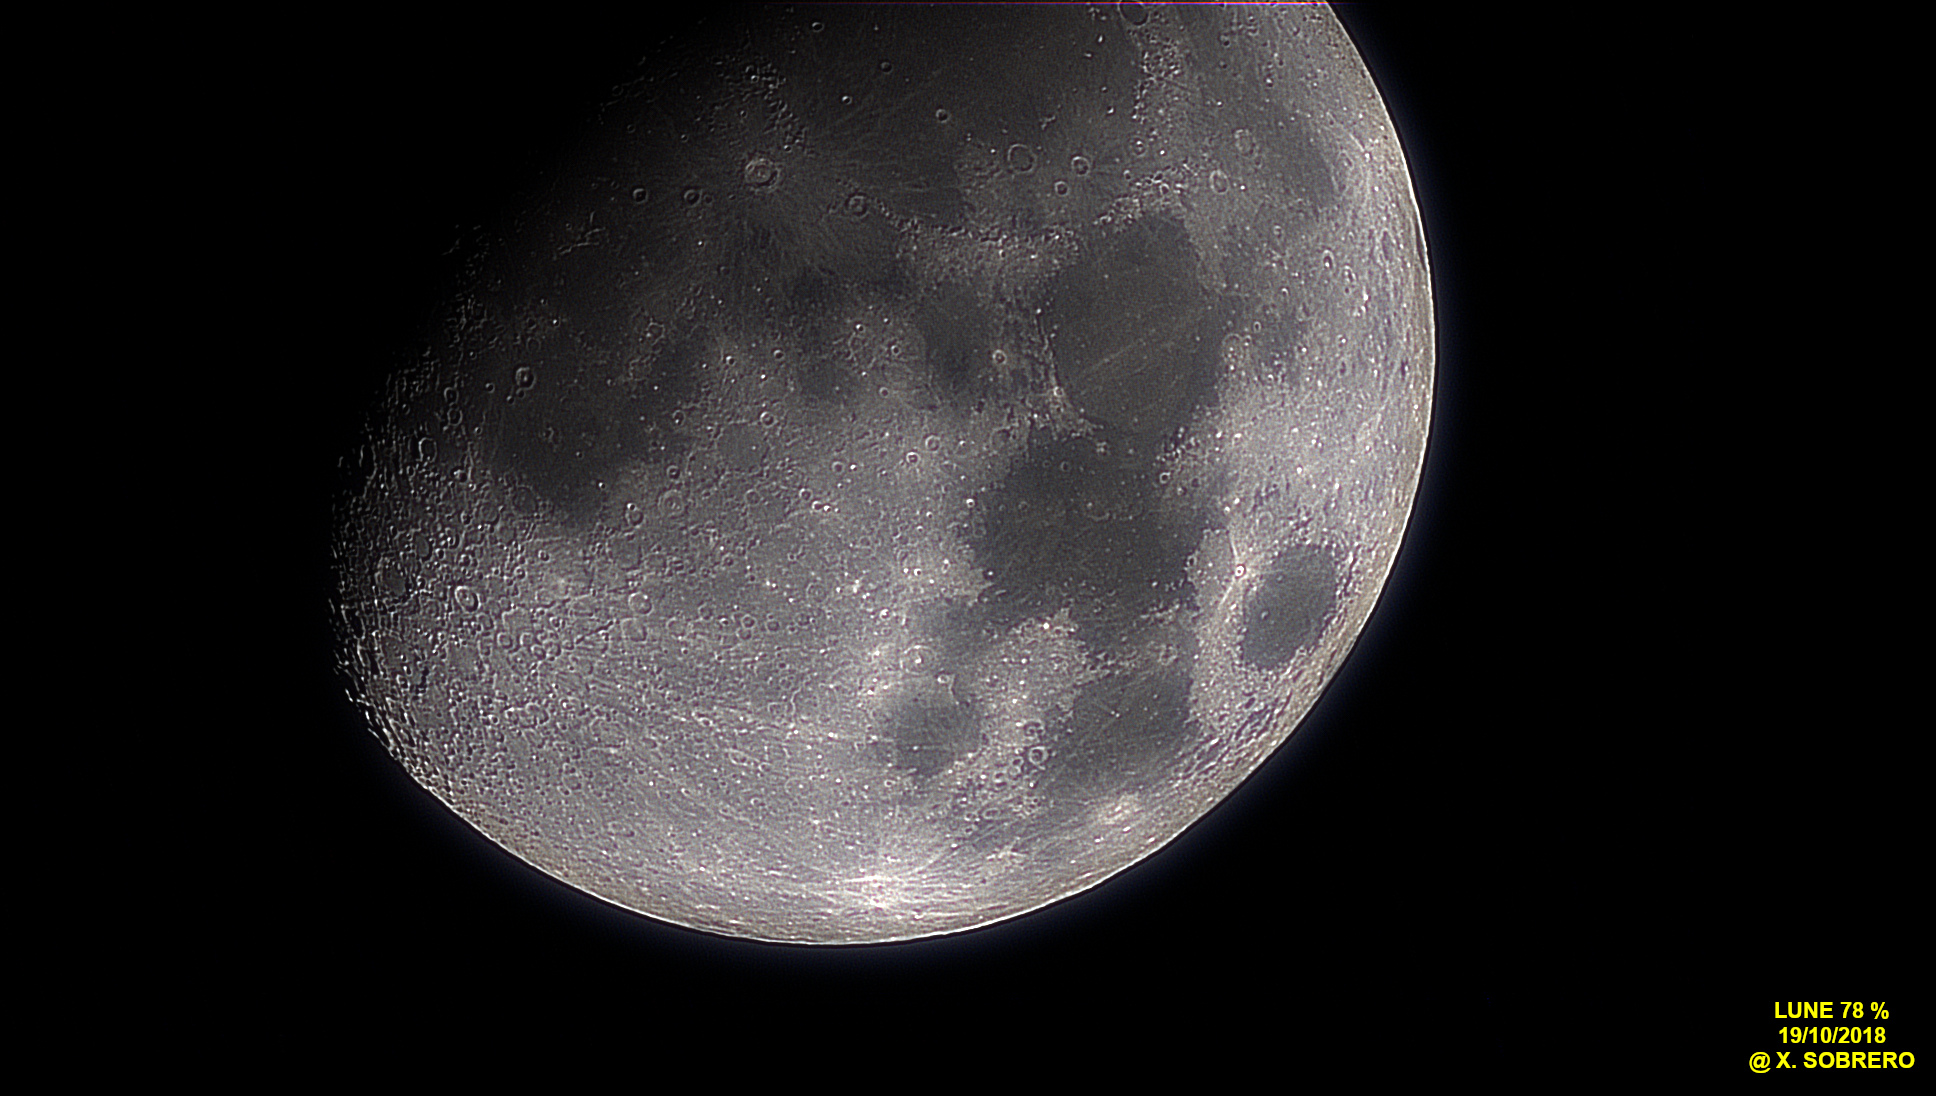 Lune à 78% du 19/10/2018